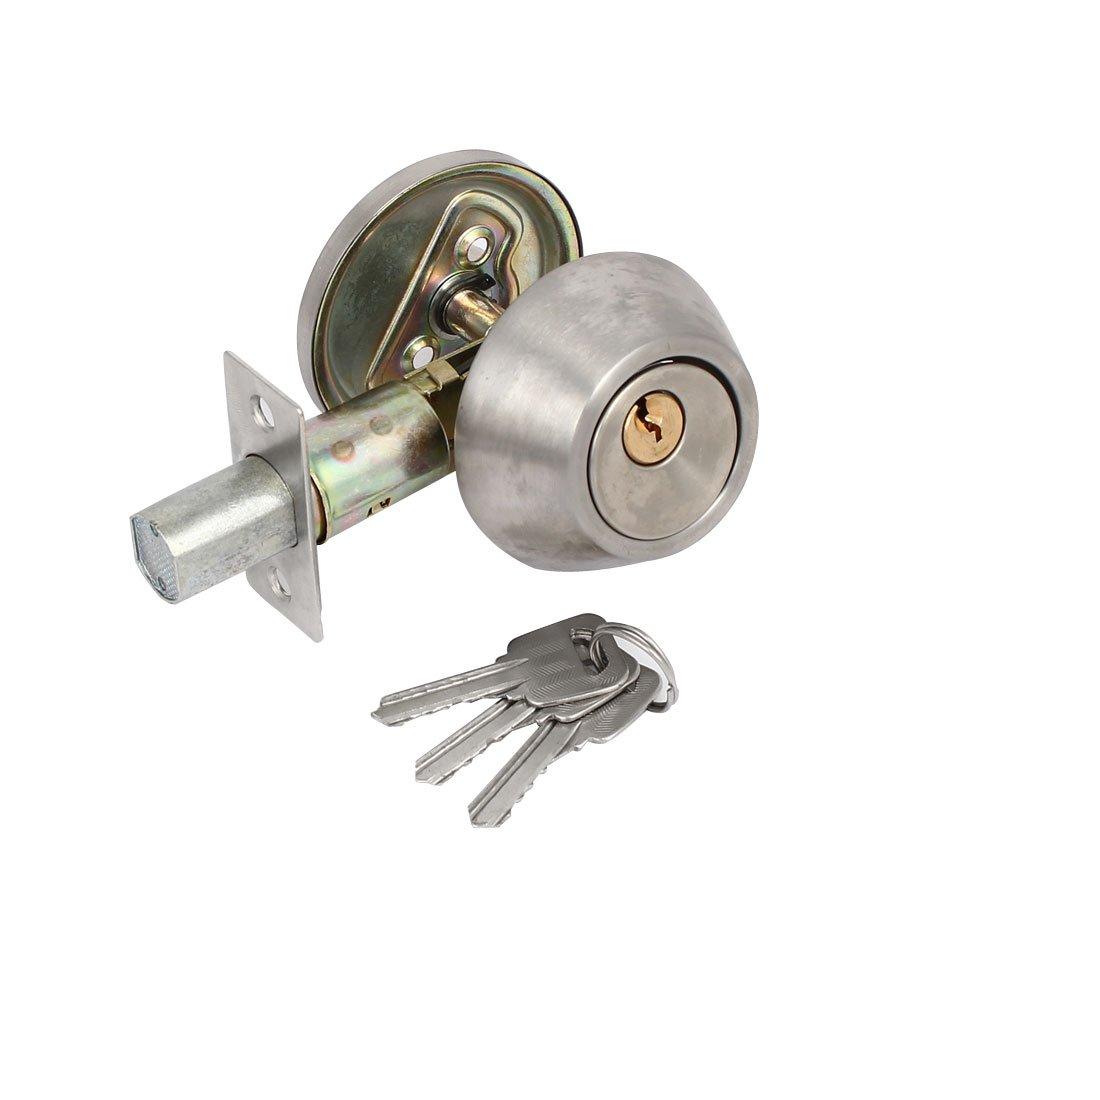 uxcell Bathroom Bedroom Keyed Entry Safety Guard Deadbolt Locks Locker 2pcs w 4 Keys